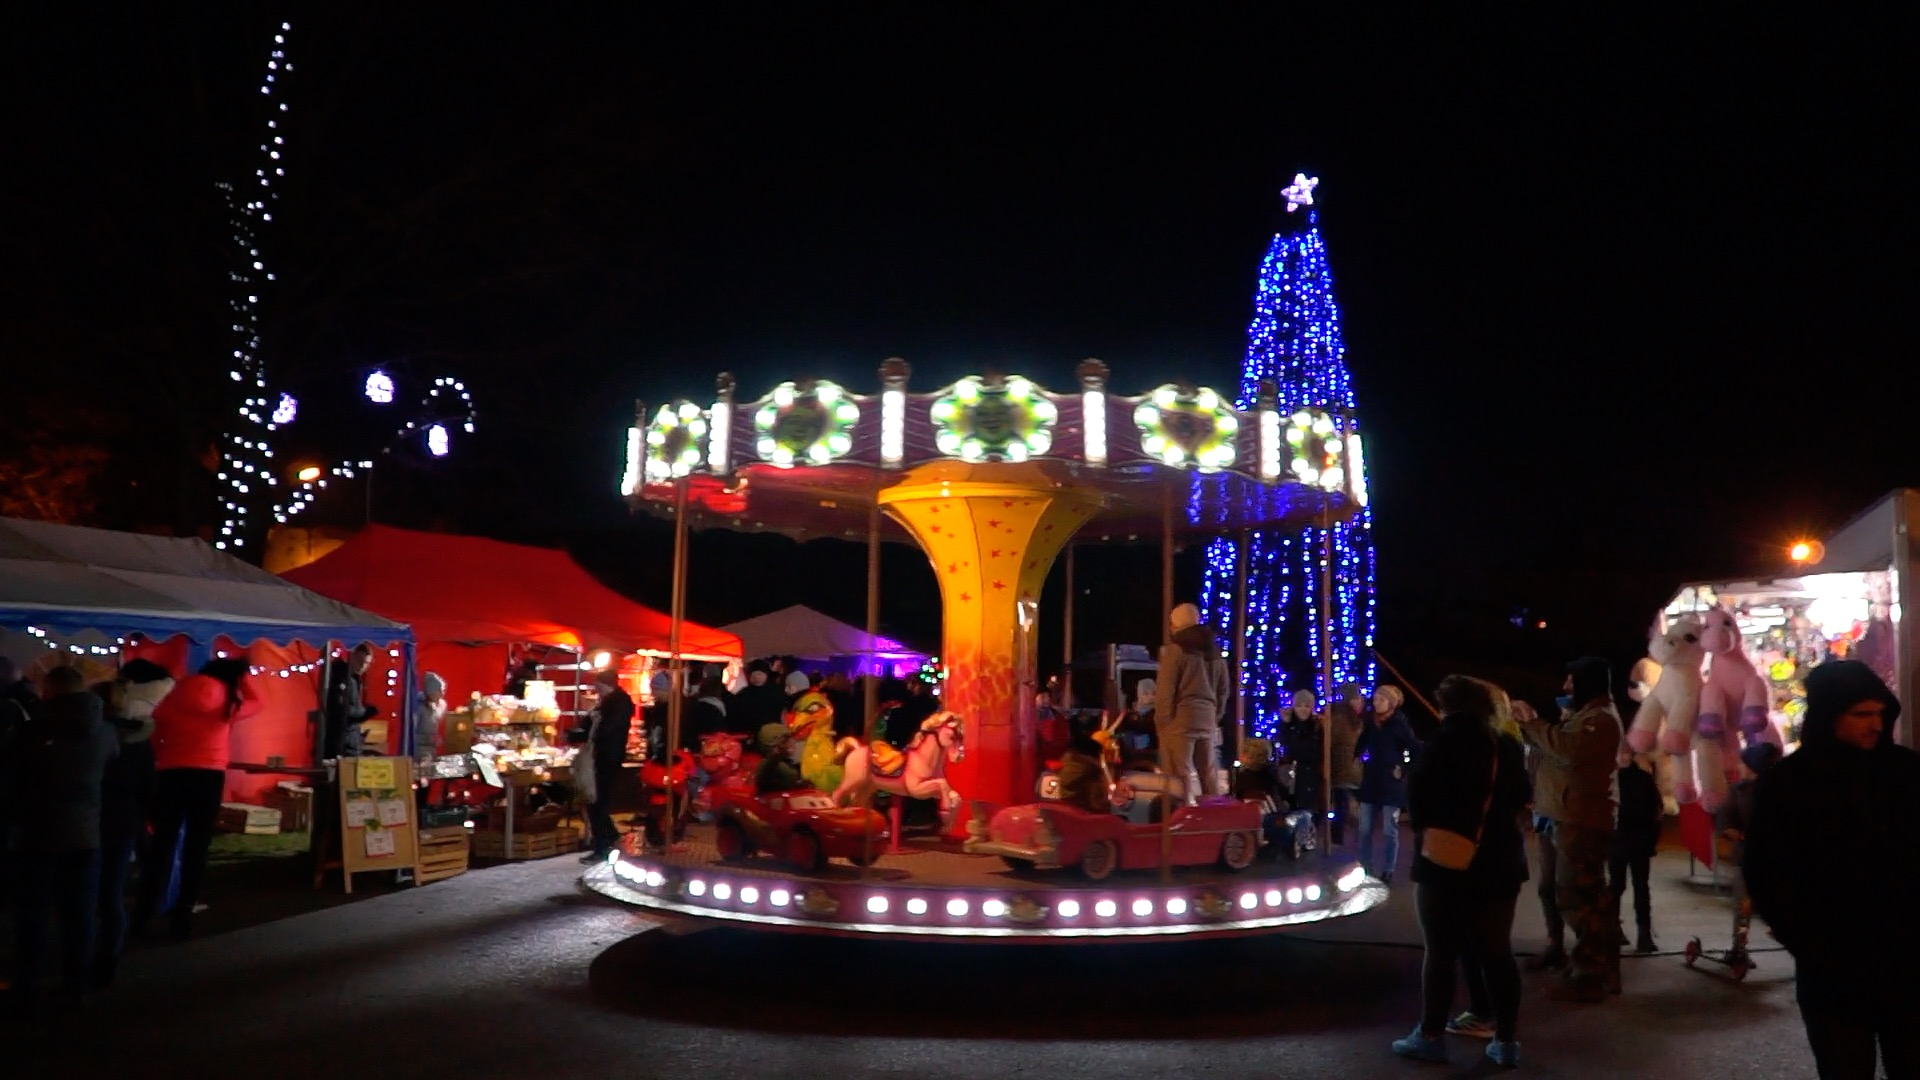 BRZESZCZE. Charytatywny i świąteczny jarmark dla Oliwki